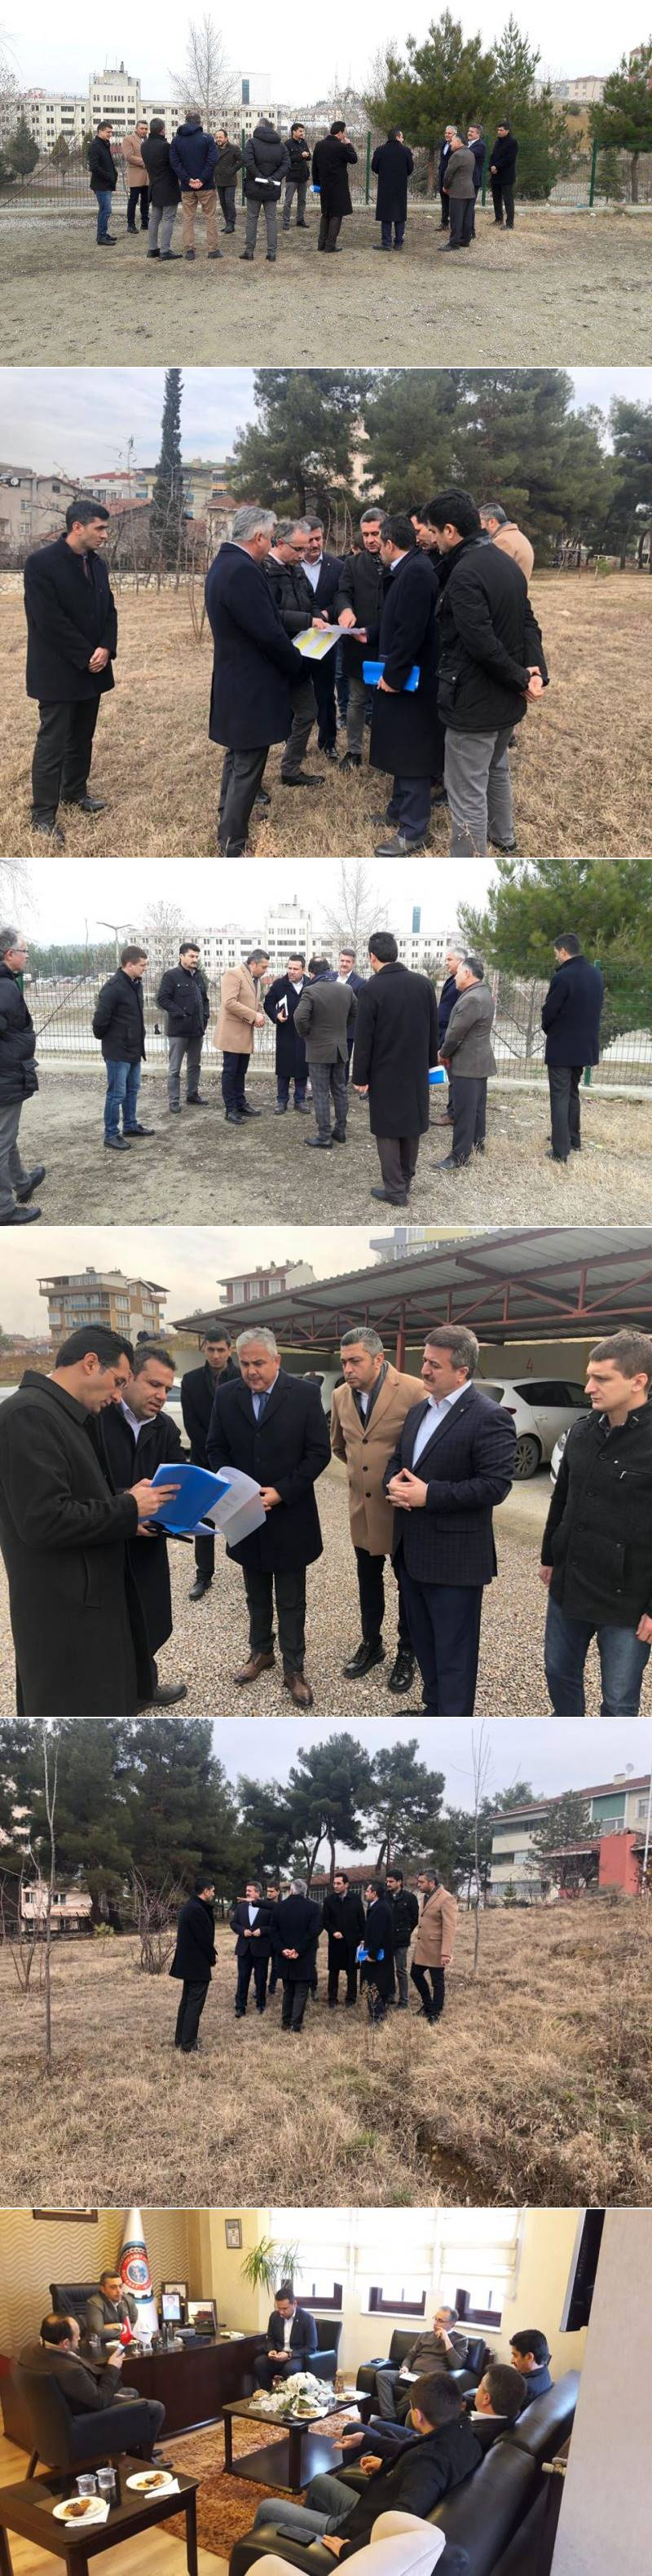 Boyabat Ticaret ve Sanayi Odasının girişimleri ve Türkiye Odalar ve Borsalar Birliği'nin (TOBB) destekleriyle ilçemizde yapılacak 24 derslikli yeni ilköğretim okulu için son etüt çalışmaları tamamlandı.